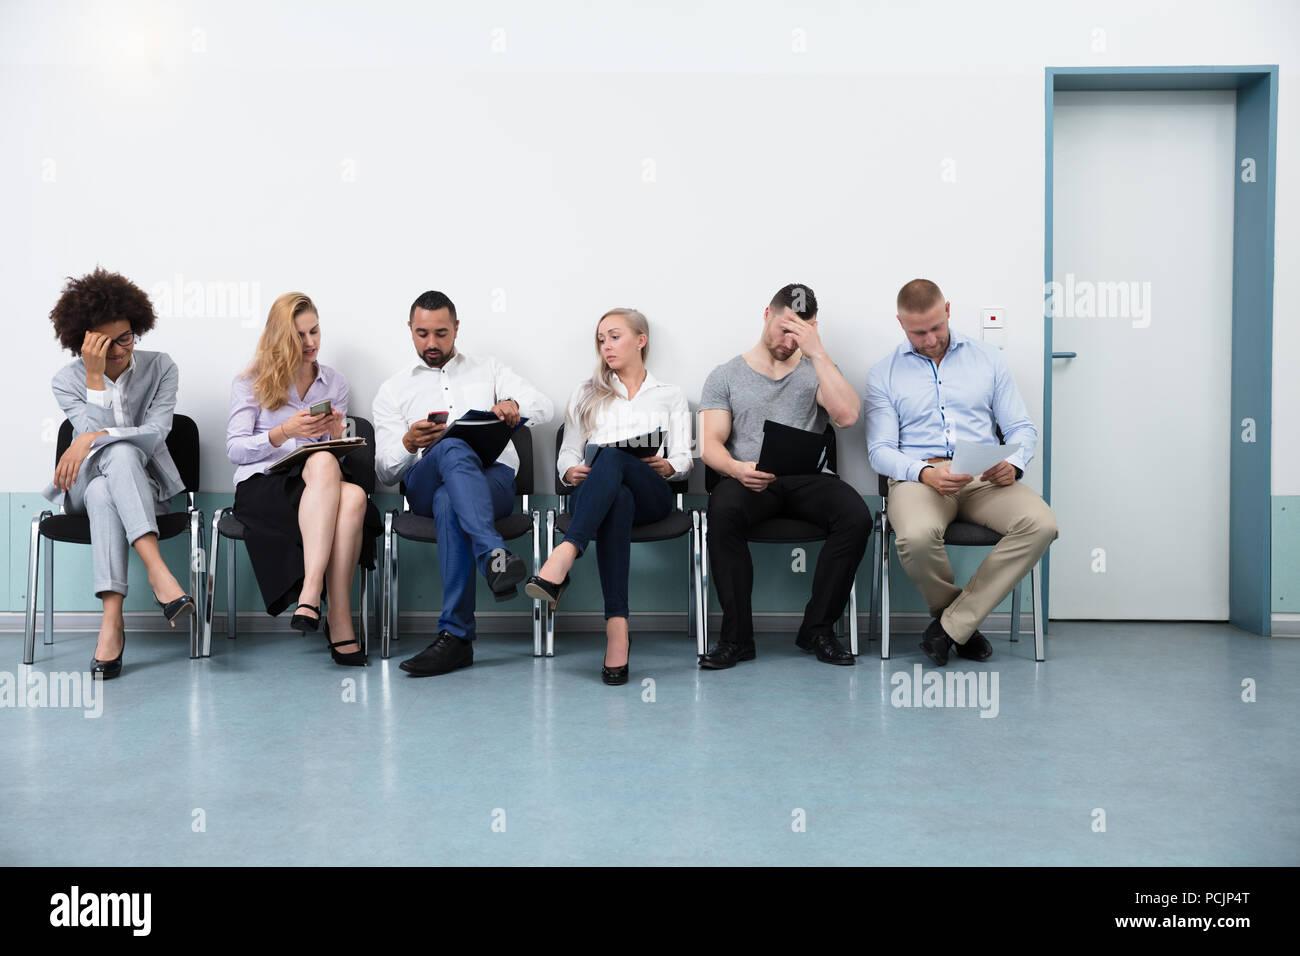 Empleo Para Solicitantes De En Una Los Oficina Sentado Silla zpUGVqSM